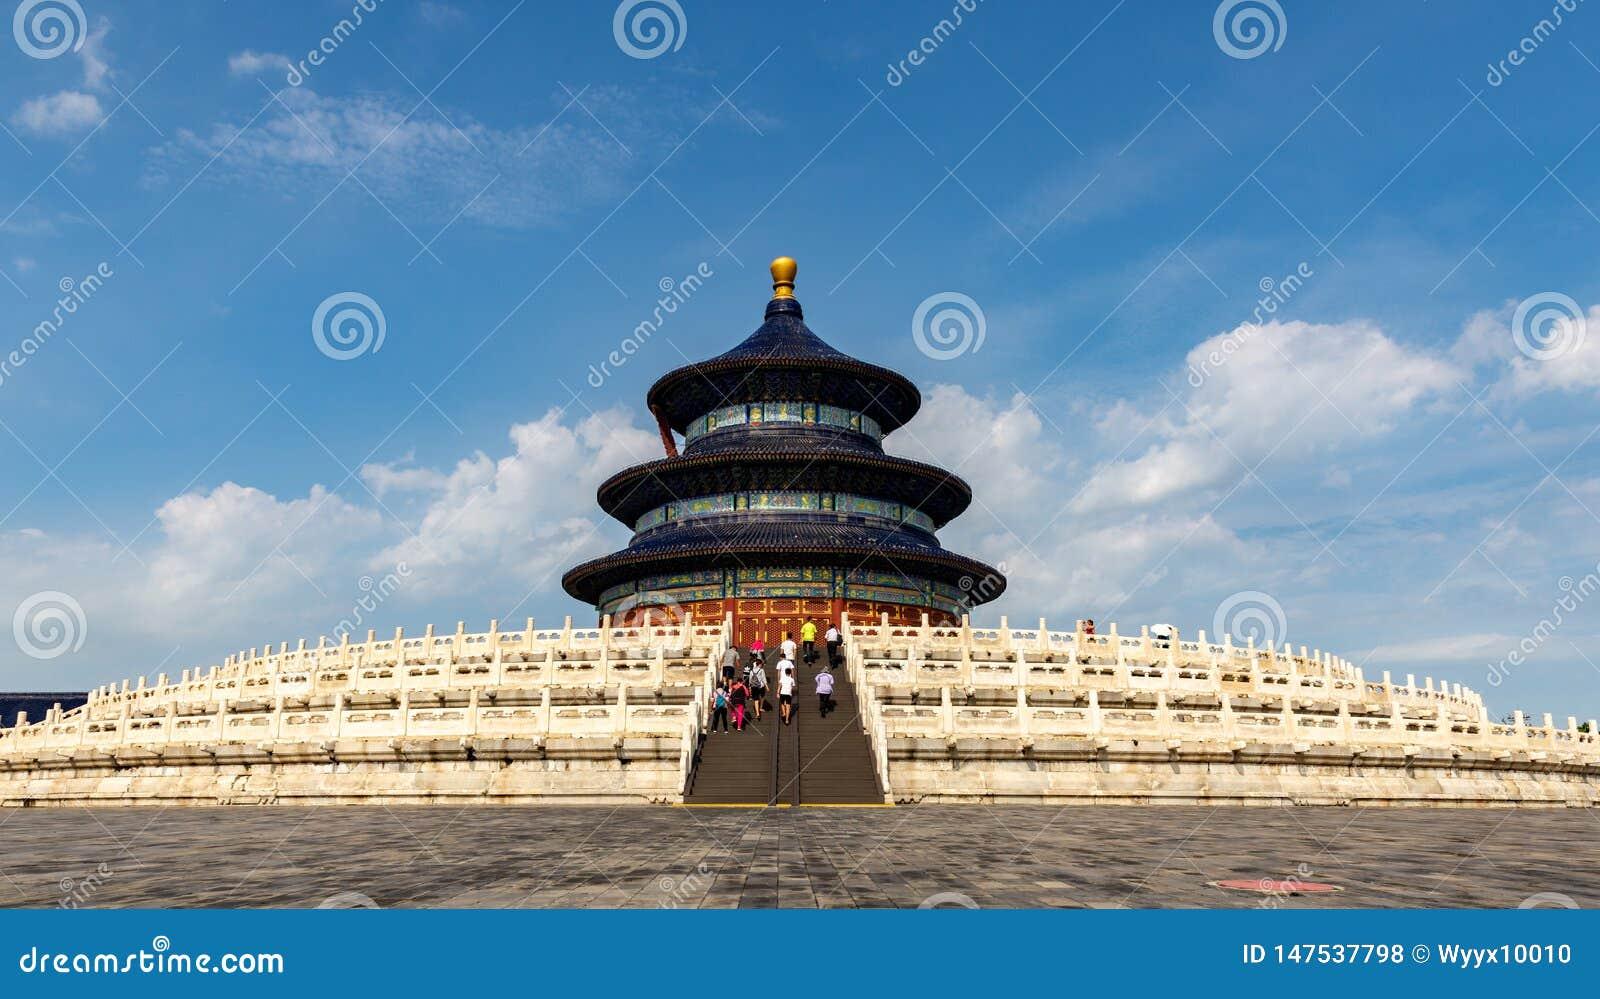 Beijing Temple of Heaven Hall of Prayer